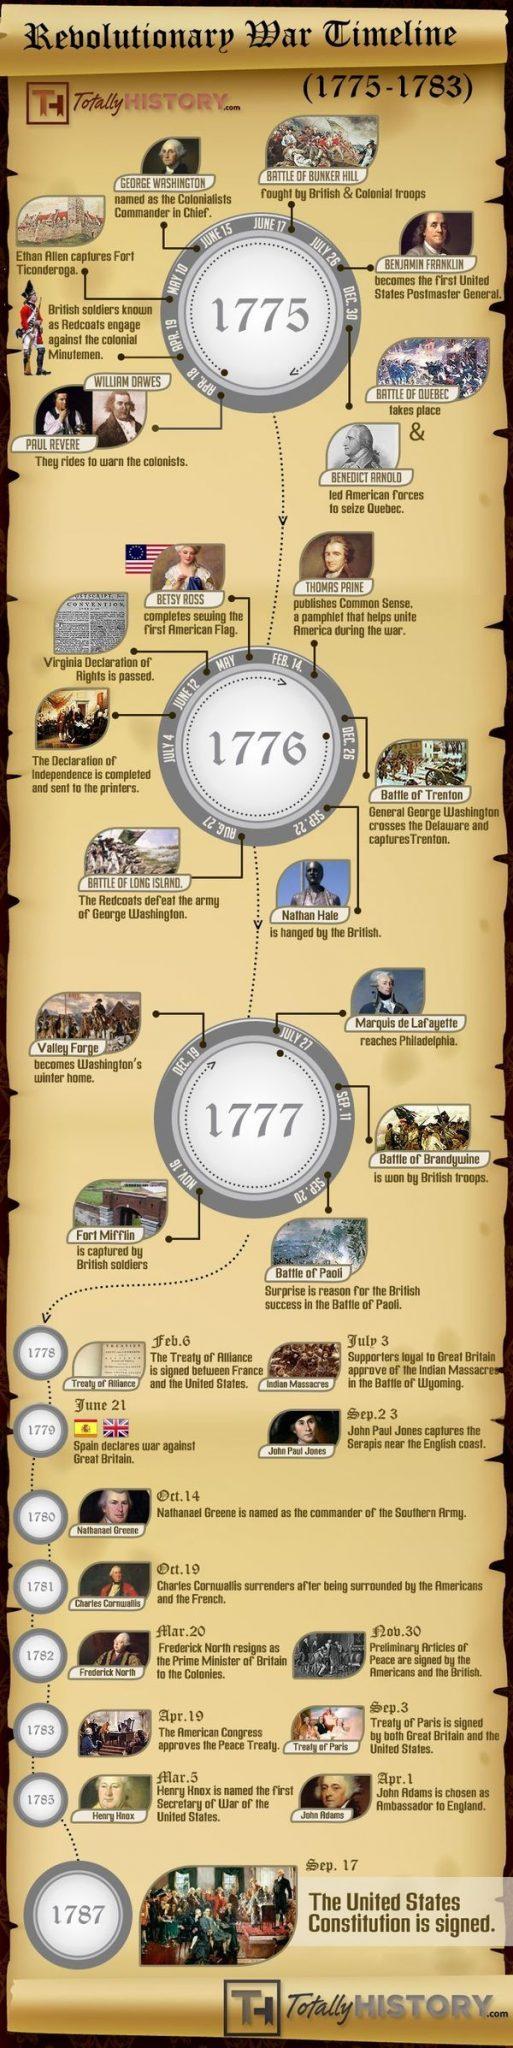 La Guerra de Independencia de los Estados Unidos - Infografia - Curiosidades de la Historia